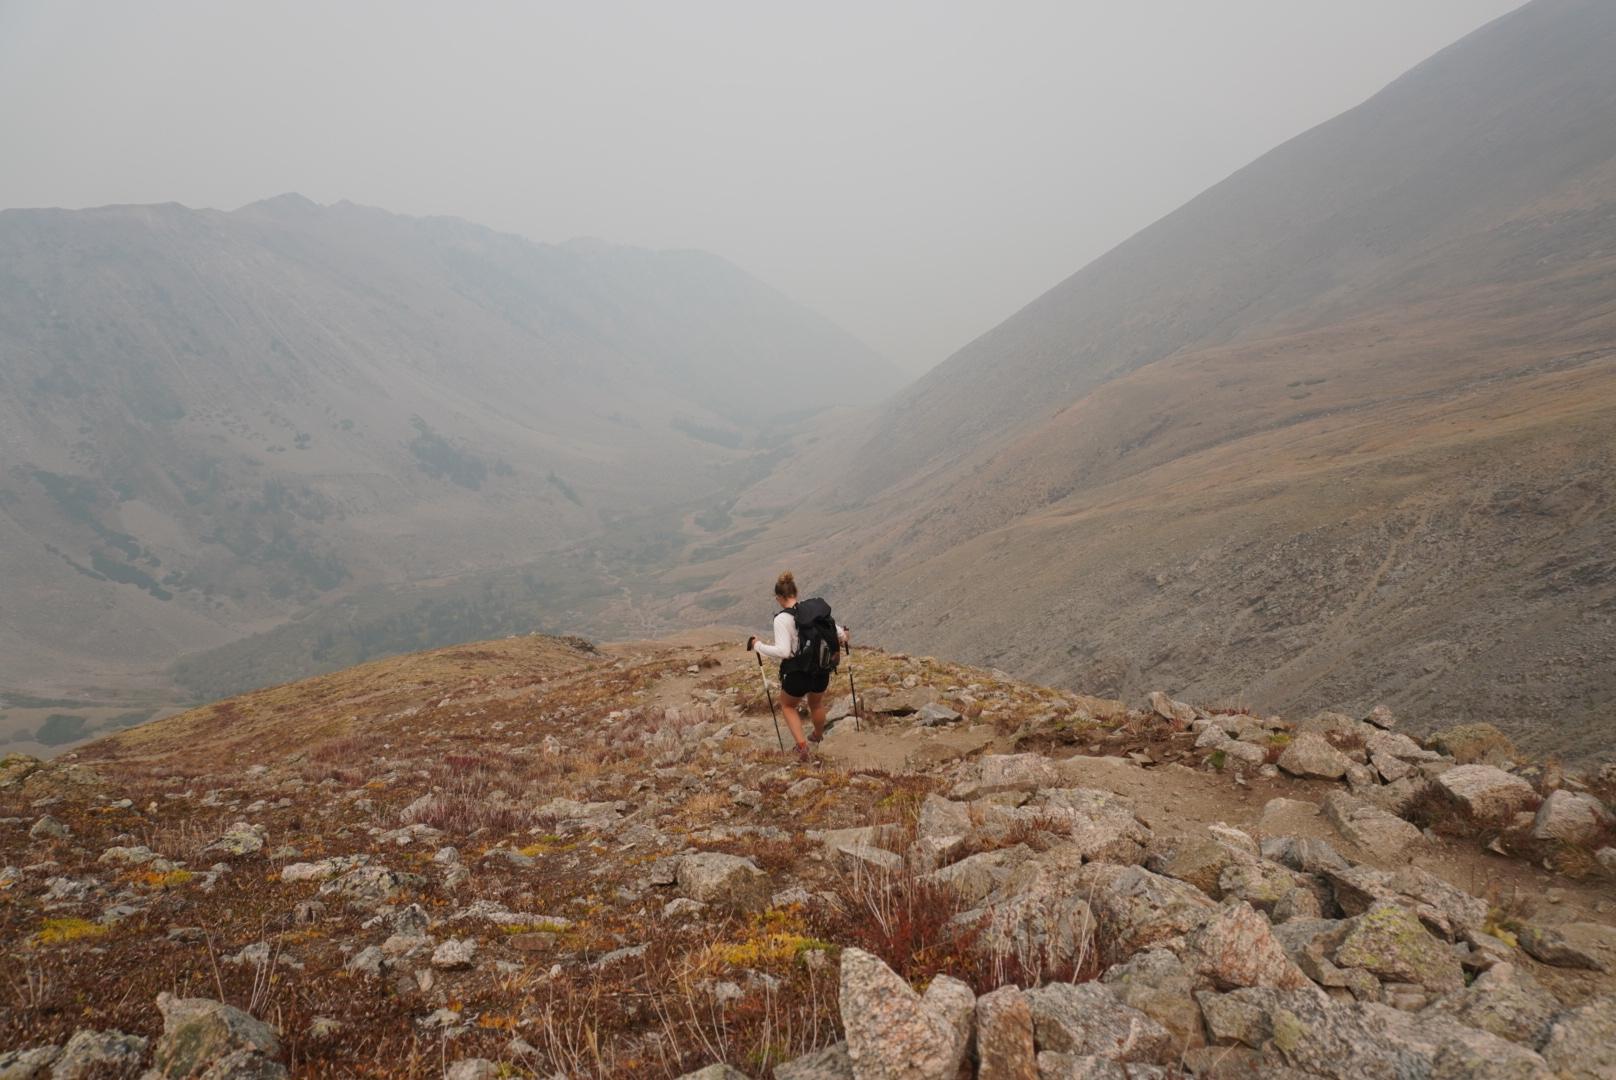 Descending a mountain as wild fire smoke rolls in.